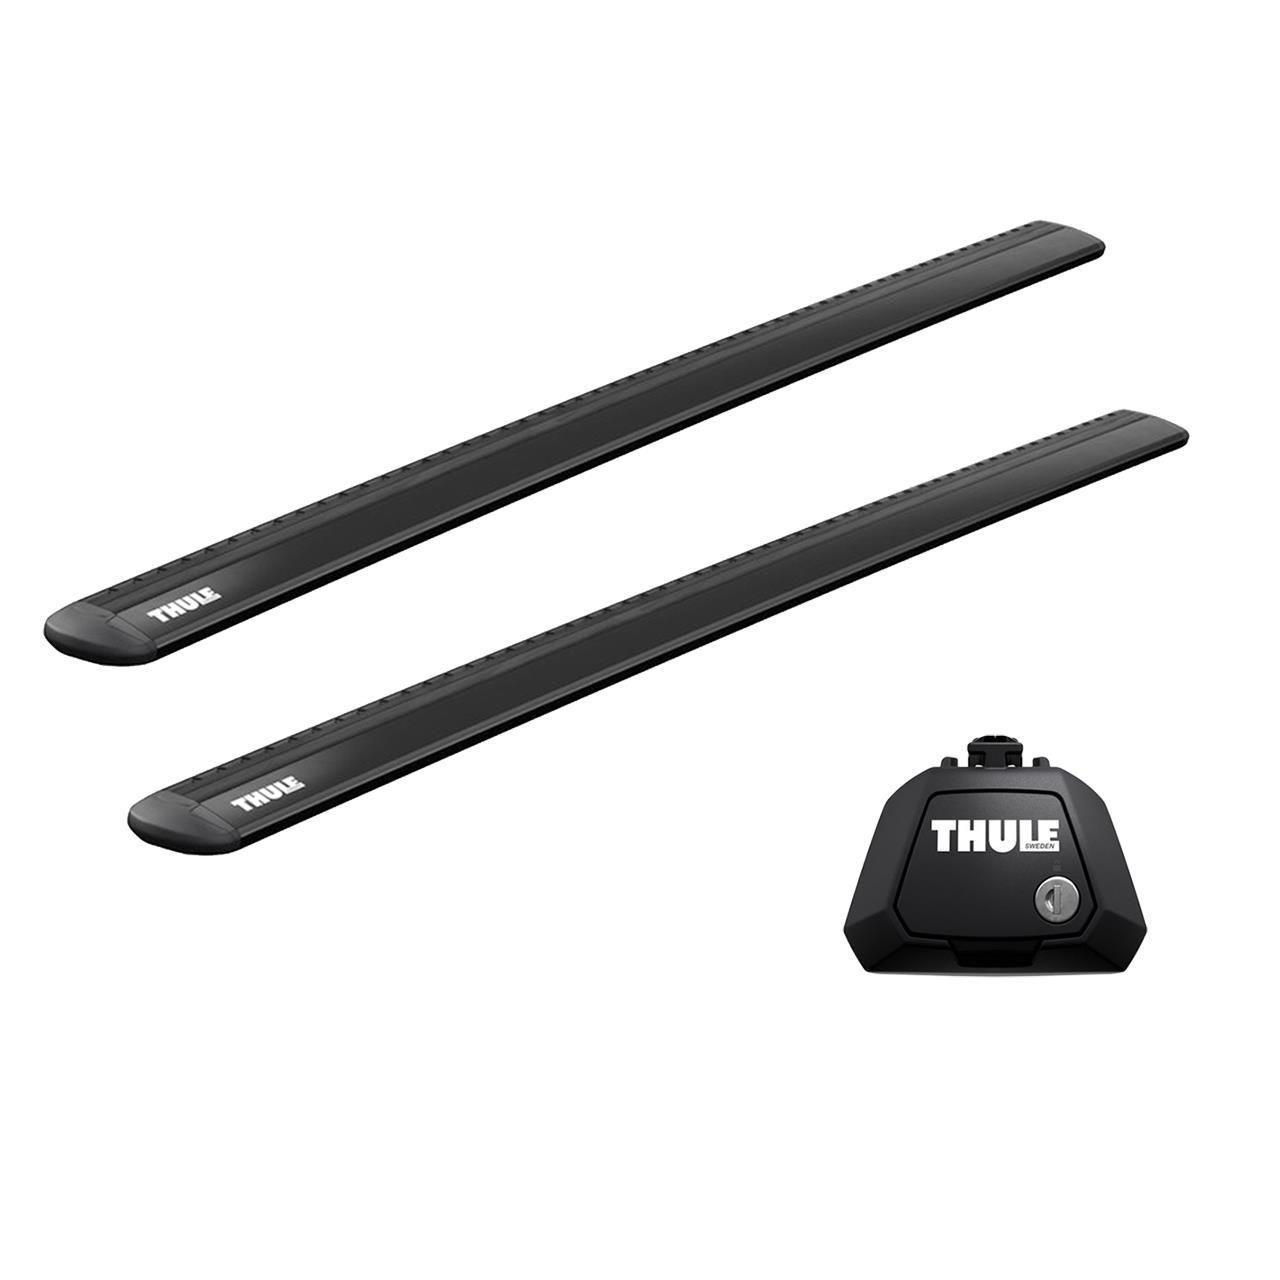 Напречни греди Thule Evo Raised Rail WingBar Evo 127cm в Черно за HYUNDAI ix35 5 врати SUV 10-15 с фабрични надлъжни греди с просвет 1